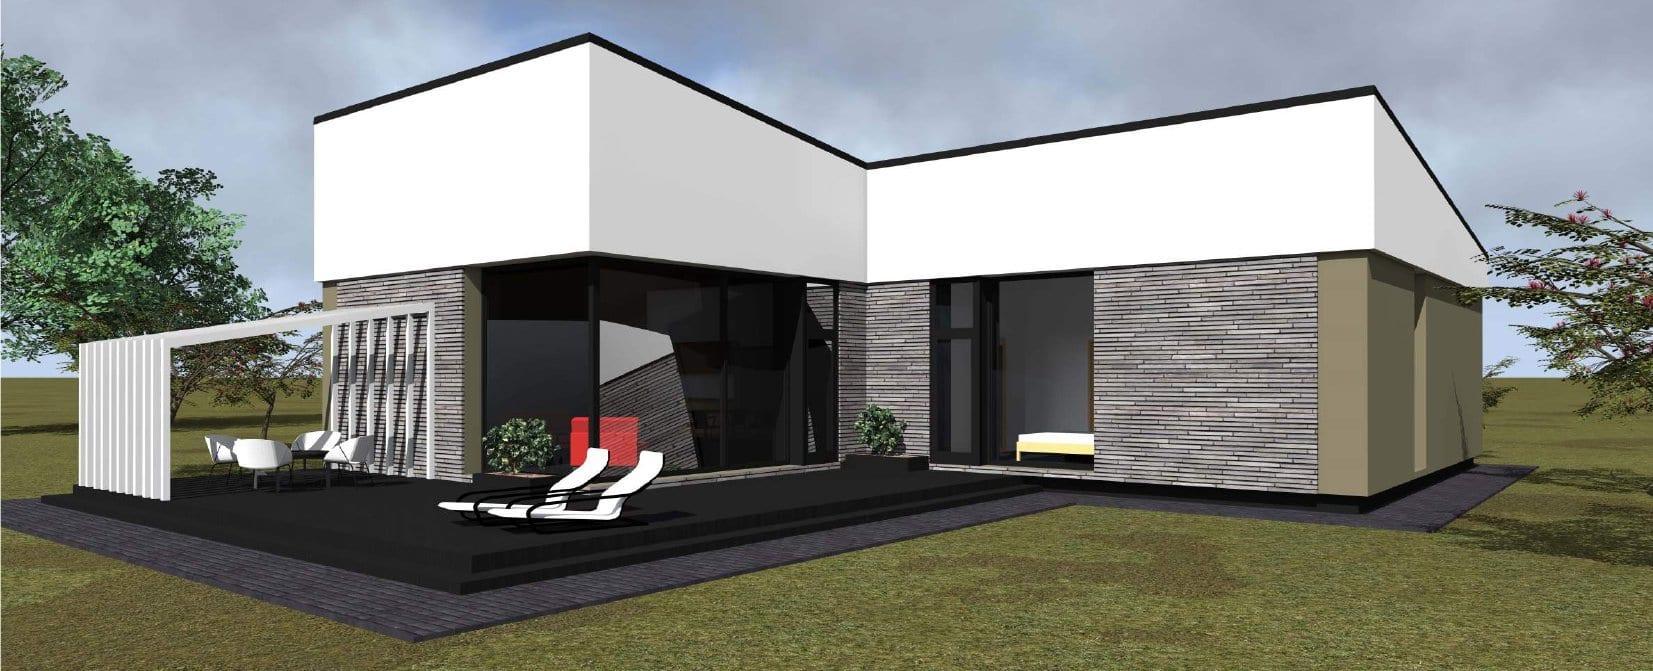 Vieno aukšto vienbučio gyvenamojo namo projektas